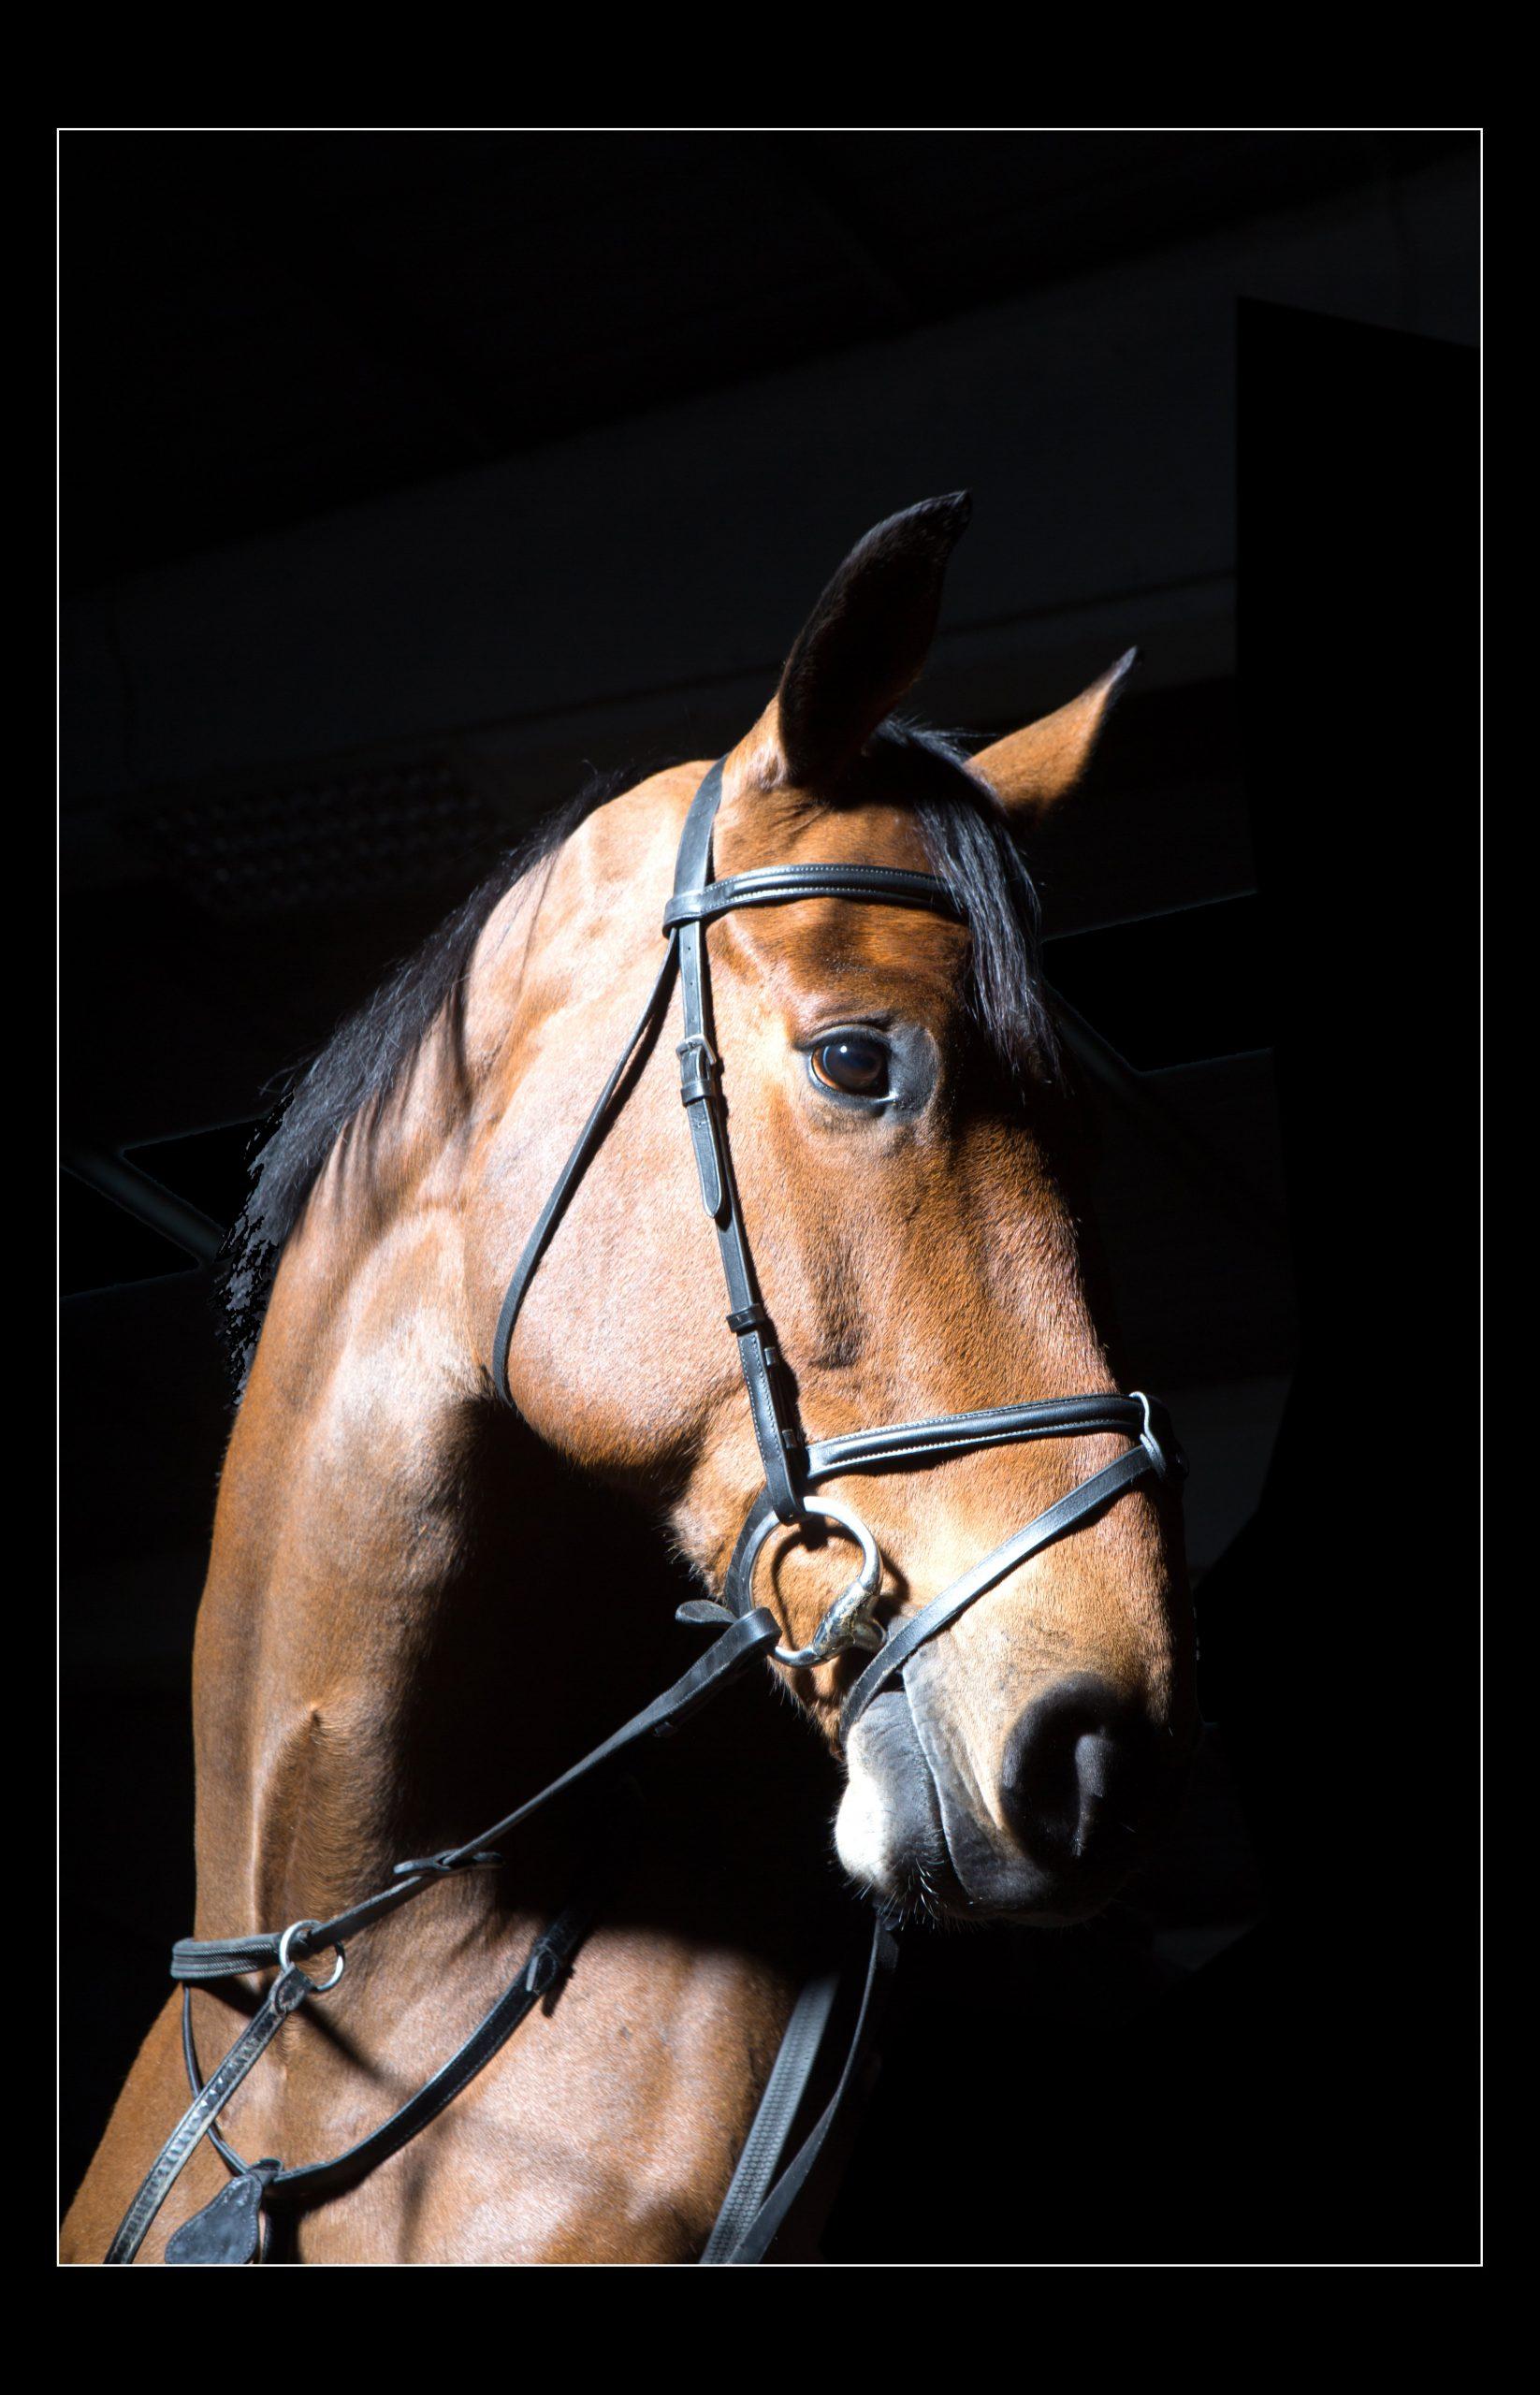 horse_portrait_equine_036-min